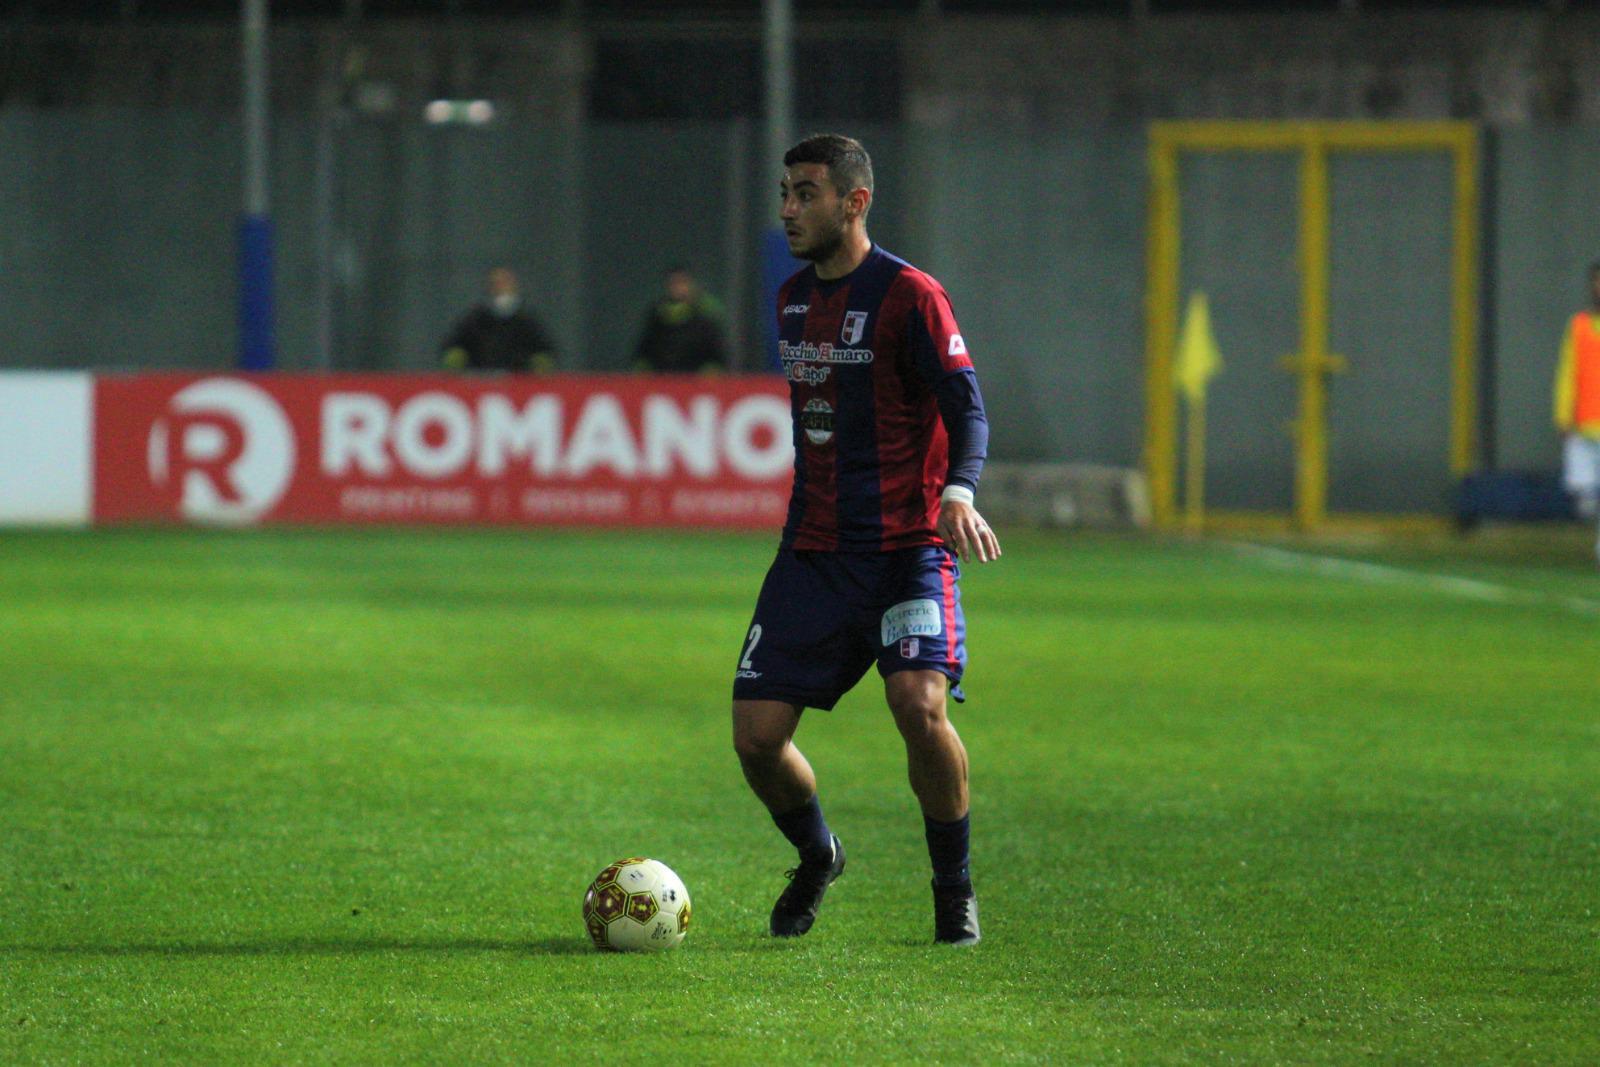 VIBONESE - TERNANA 2-3 | Il tabellino del match immagine 16472 US Vibonese Calcio